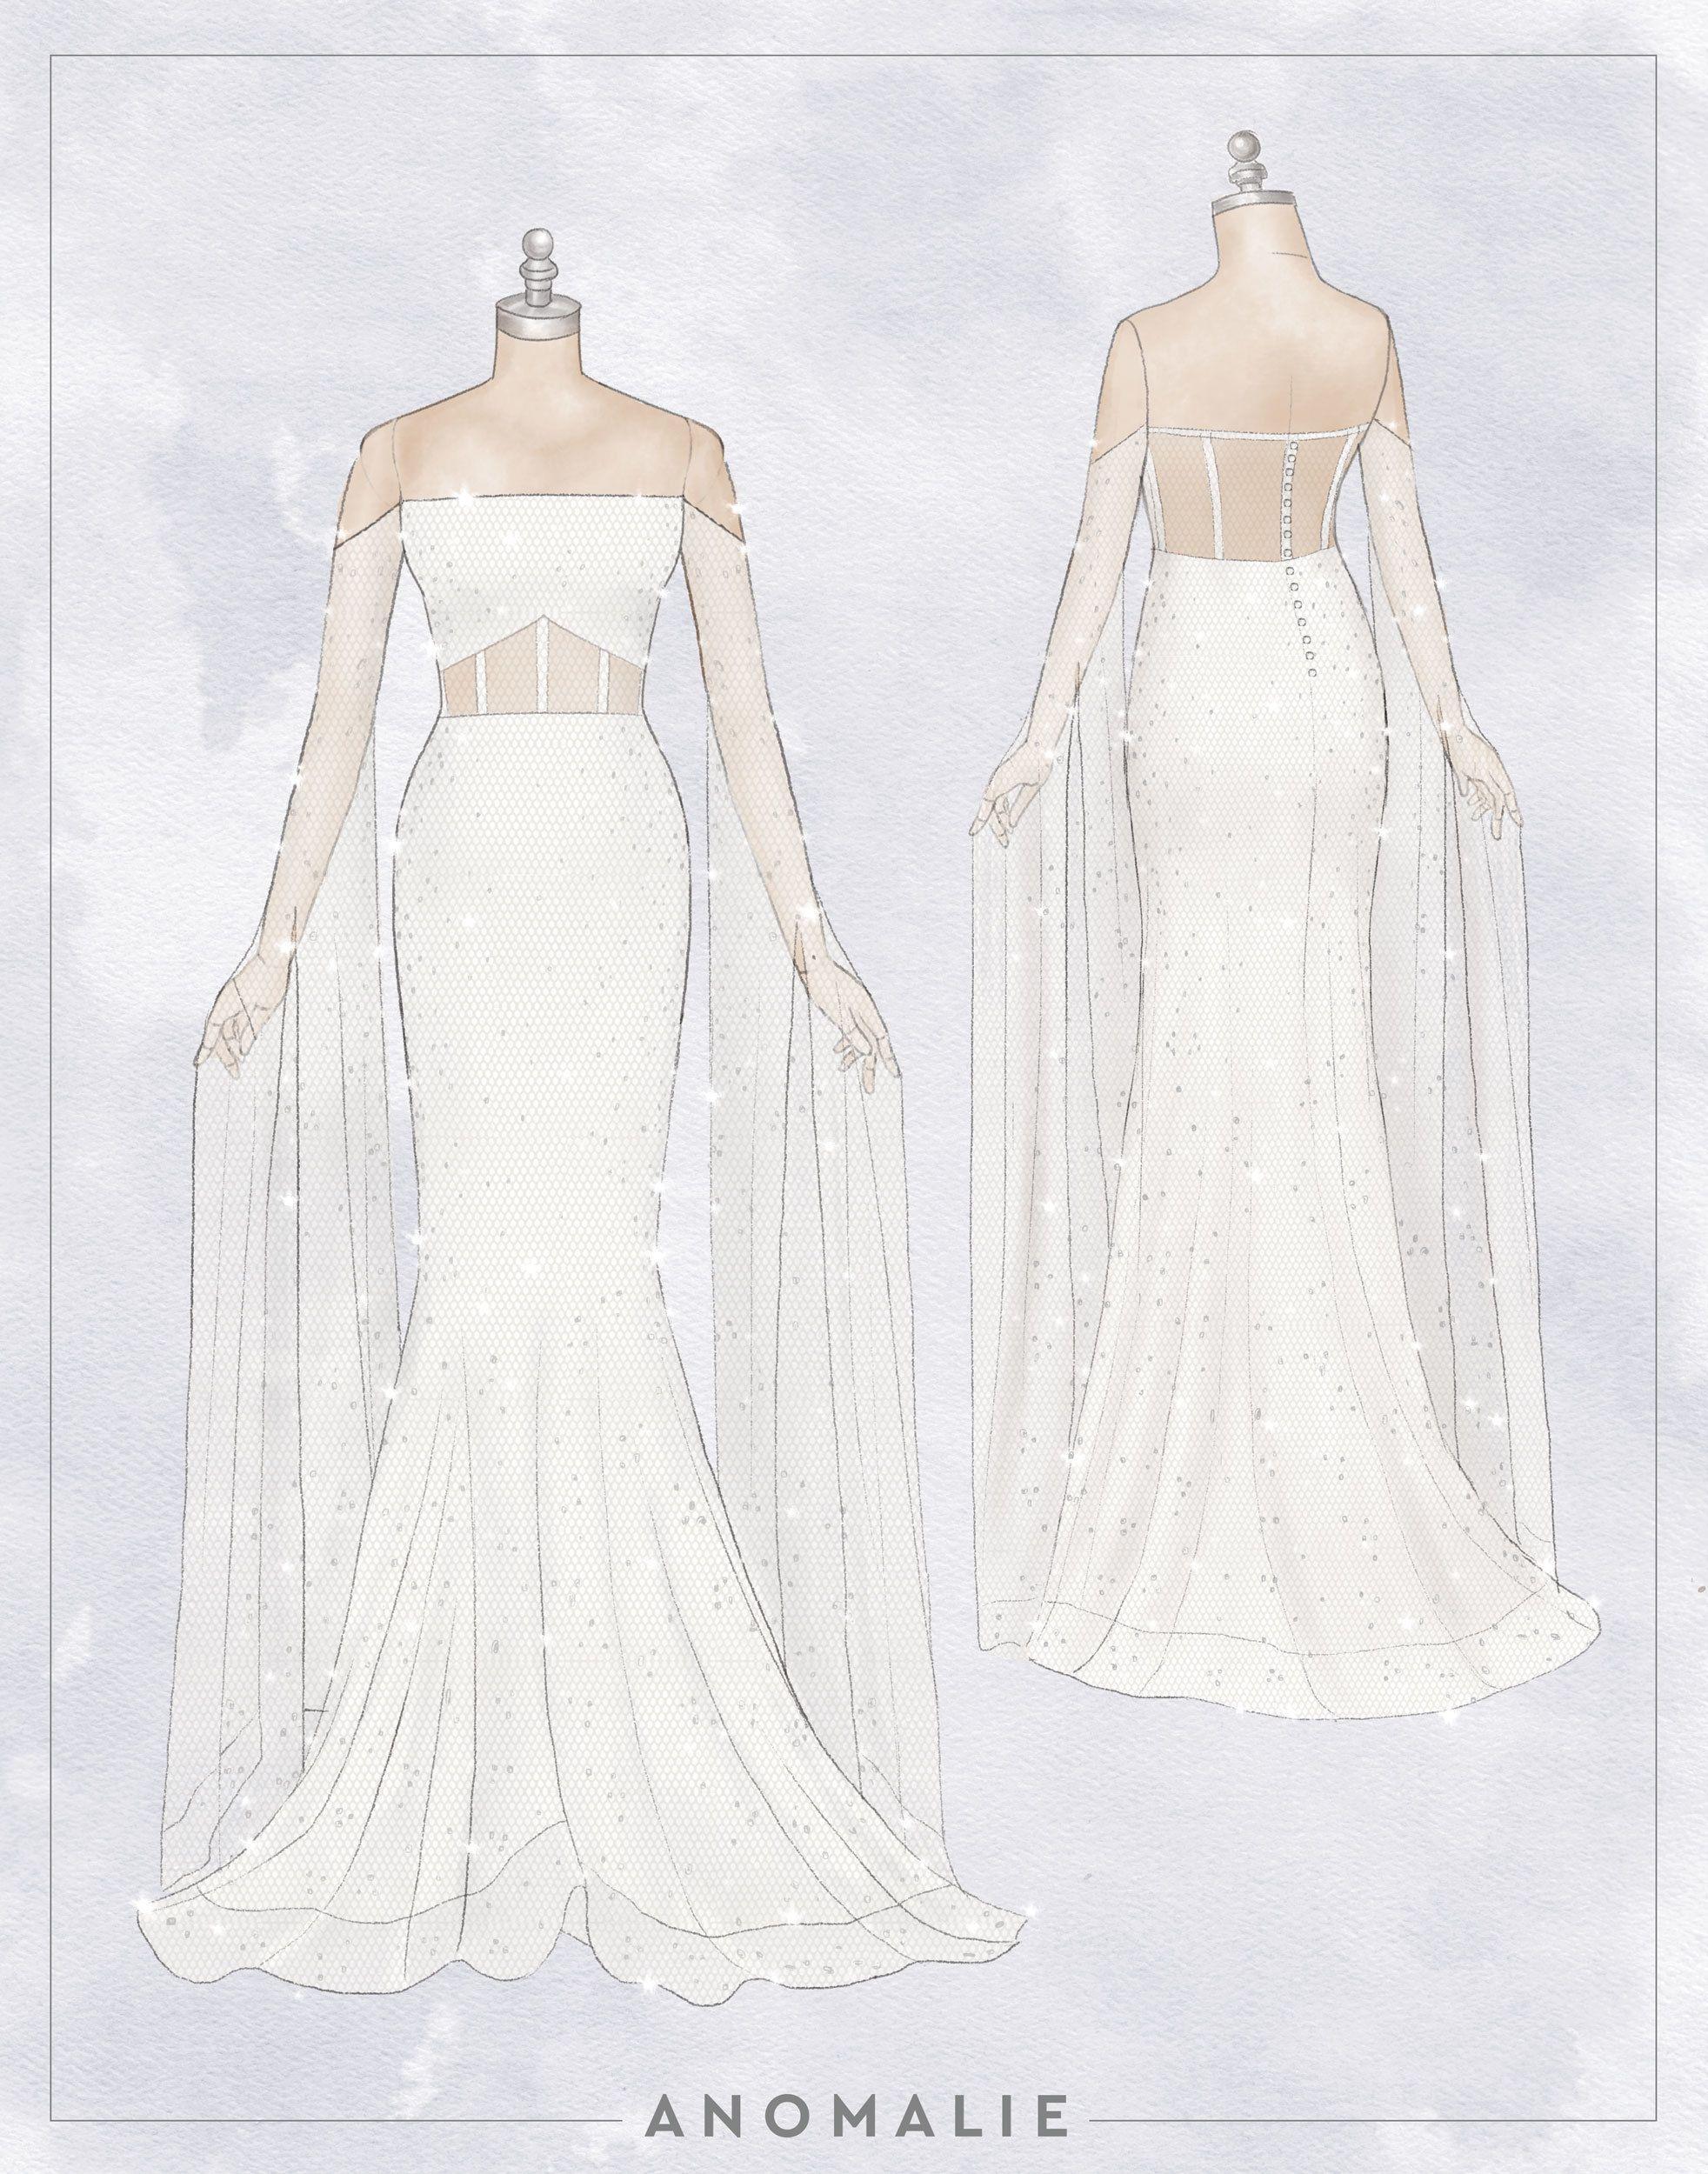 Anomalie Custom Sketch Of Floor Length Bell Sleeves Wedding Dress Weddingdressesdrawing Wedding Dress Sketches Wedding Dresses Dress Sketches